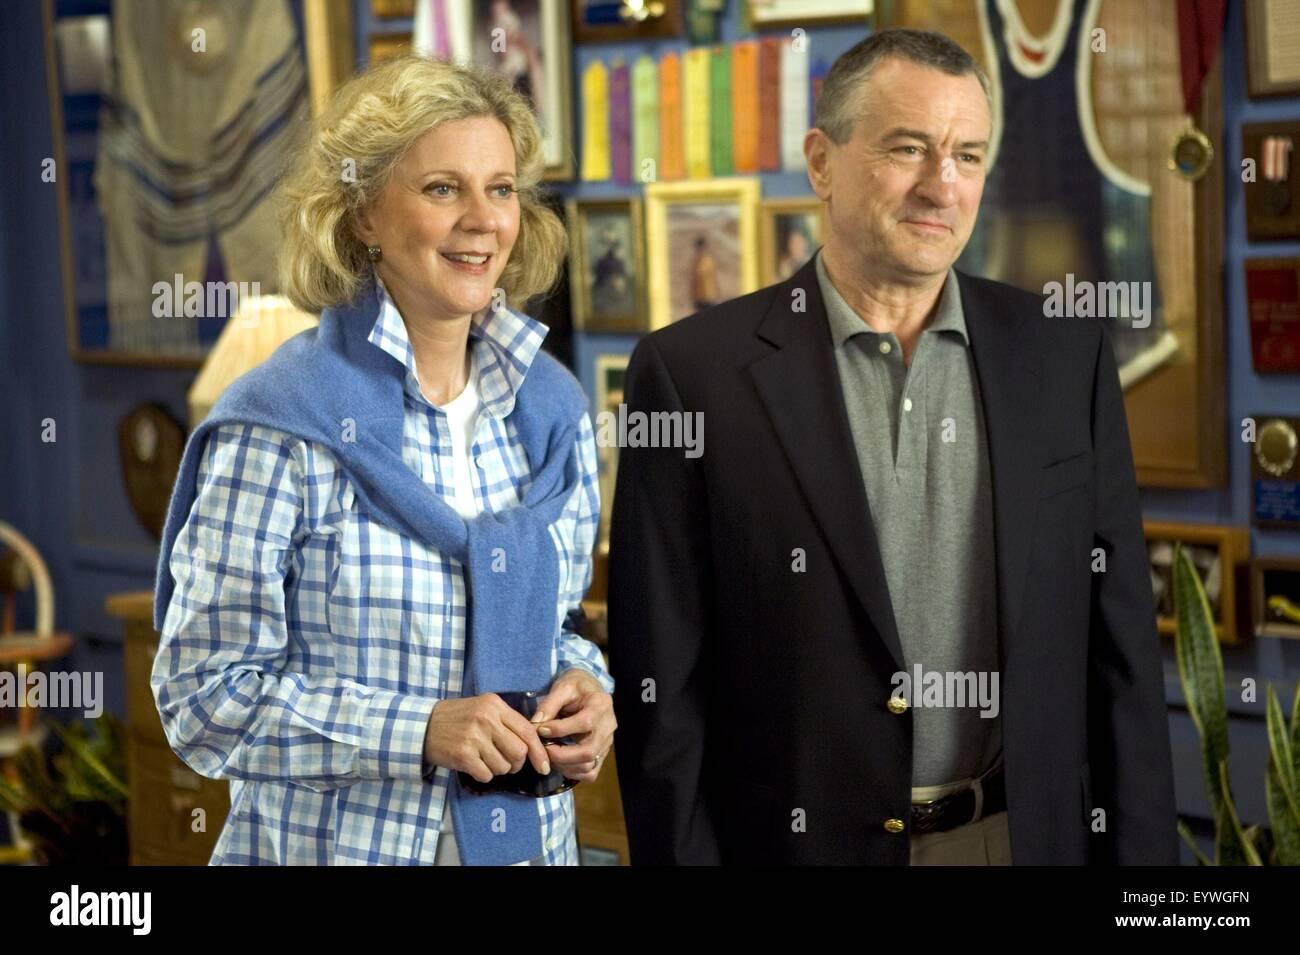 Meet the Fockers ; Year : 2004 USA ; Director : Jay Roach ; Blythe Danner, Robert De Niro ; Photo: Tracy Bennett - Stock Image